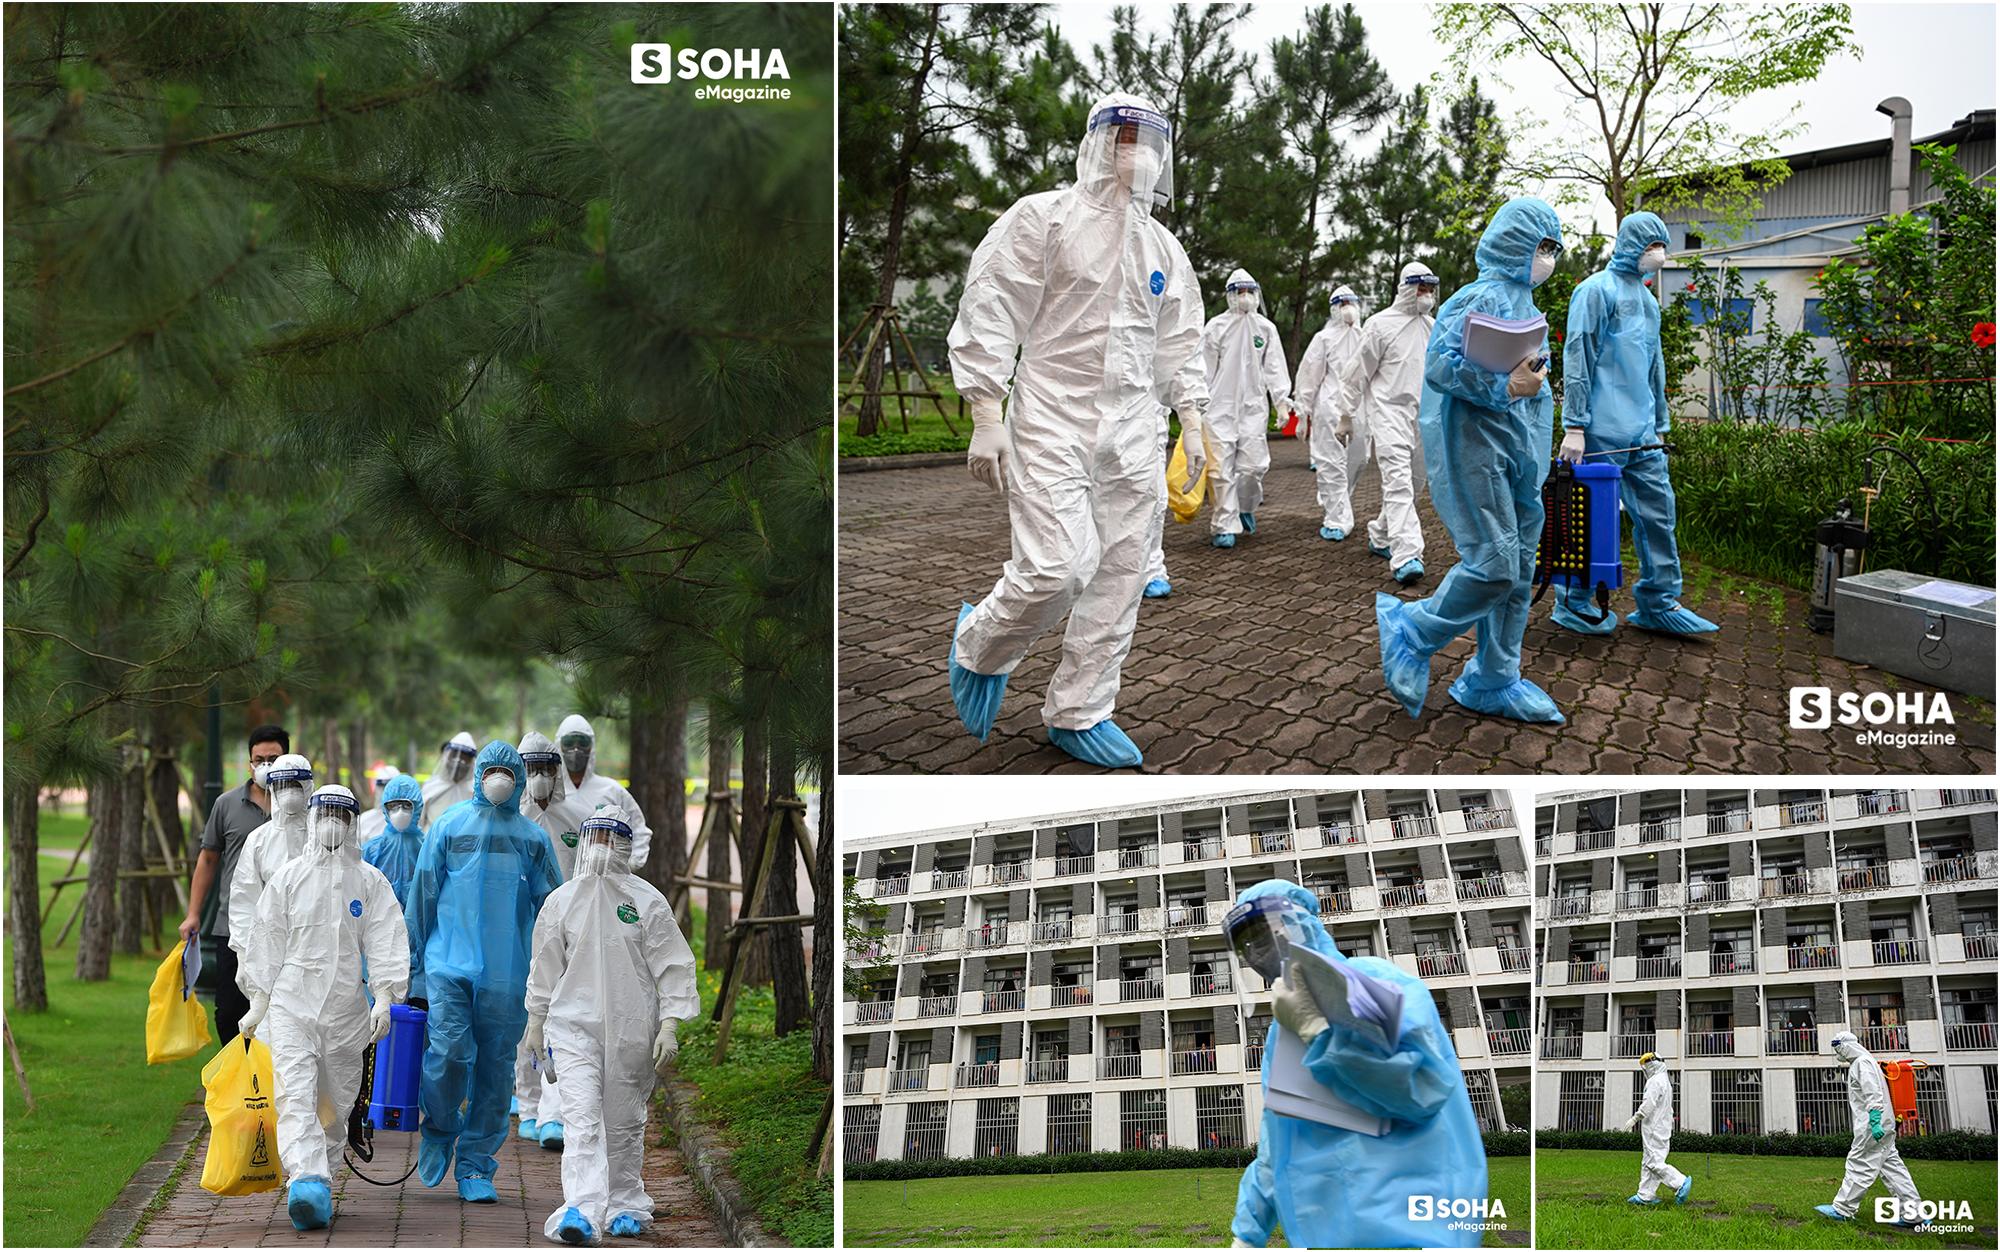 Ngứa không được gãi, khát không được uống, vệ sinh không được đi, họ là 500 thợ săn virus ở CDC lớn nhất Việt Nam - Ảnh 5.